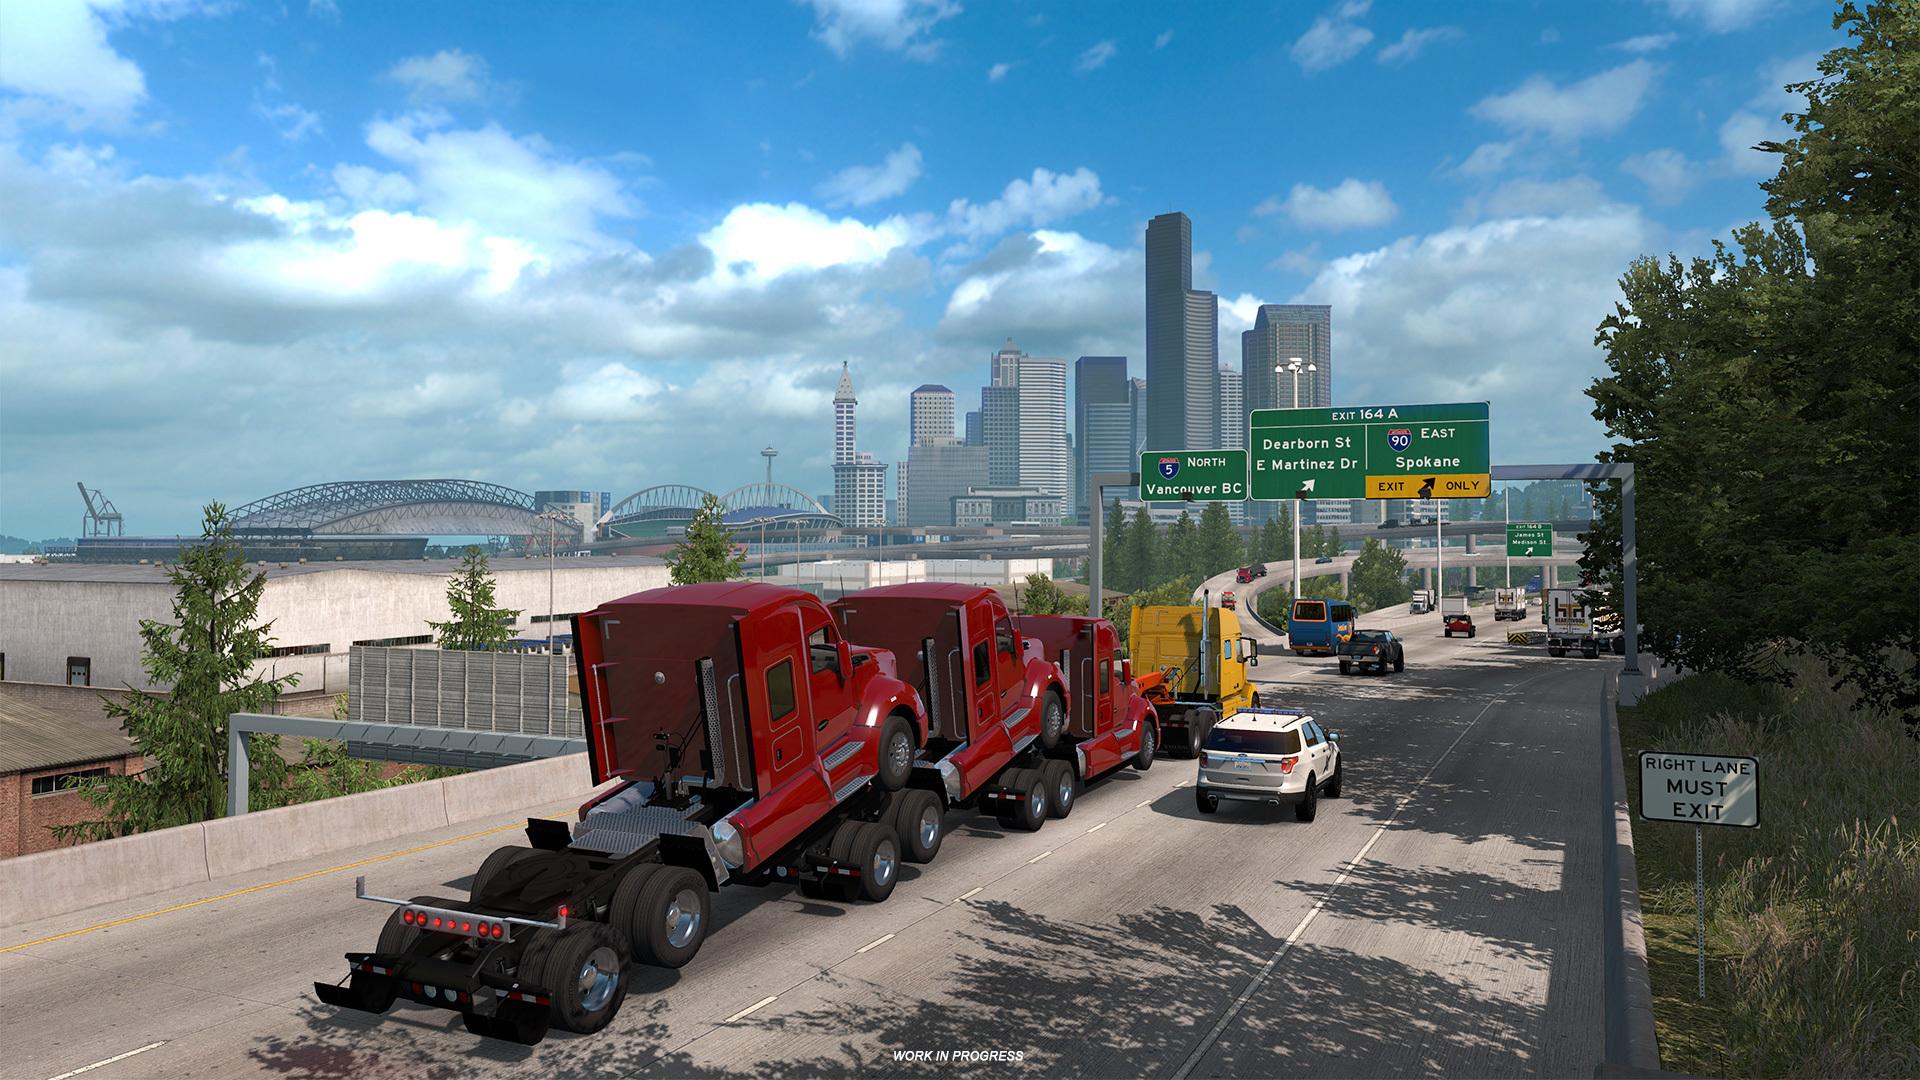 May 29 Washington: Seattle American Truck Simulator